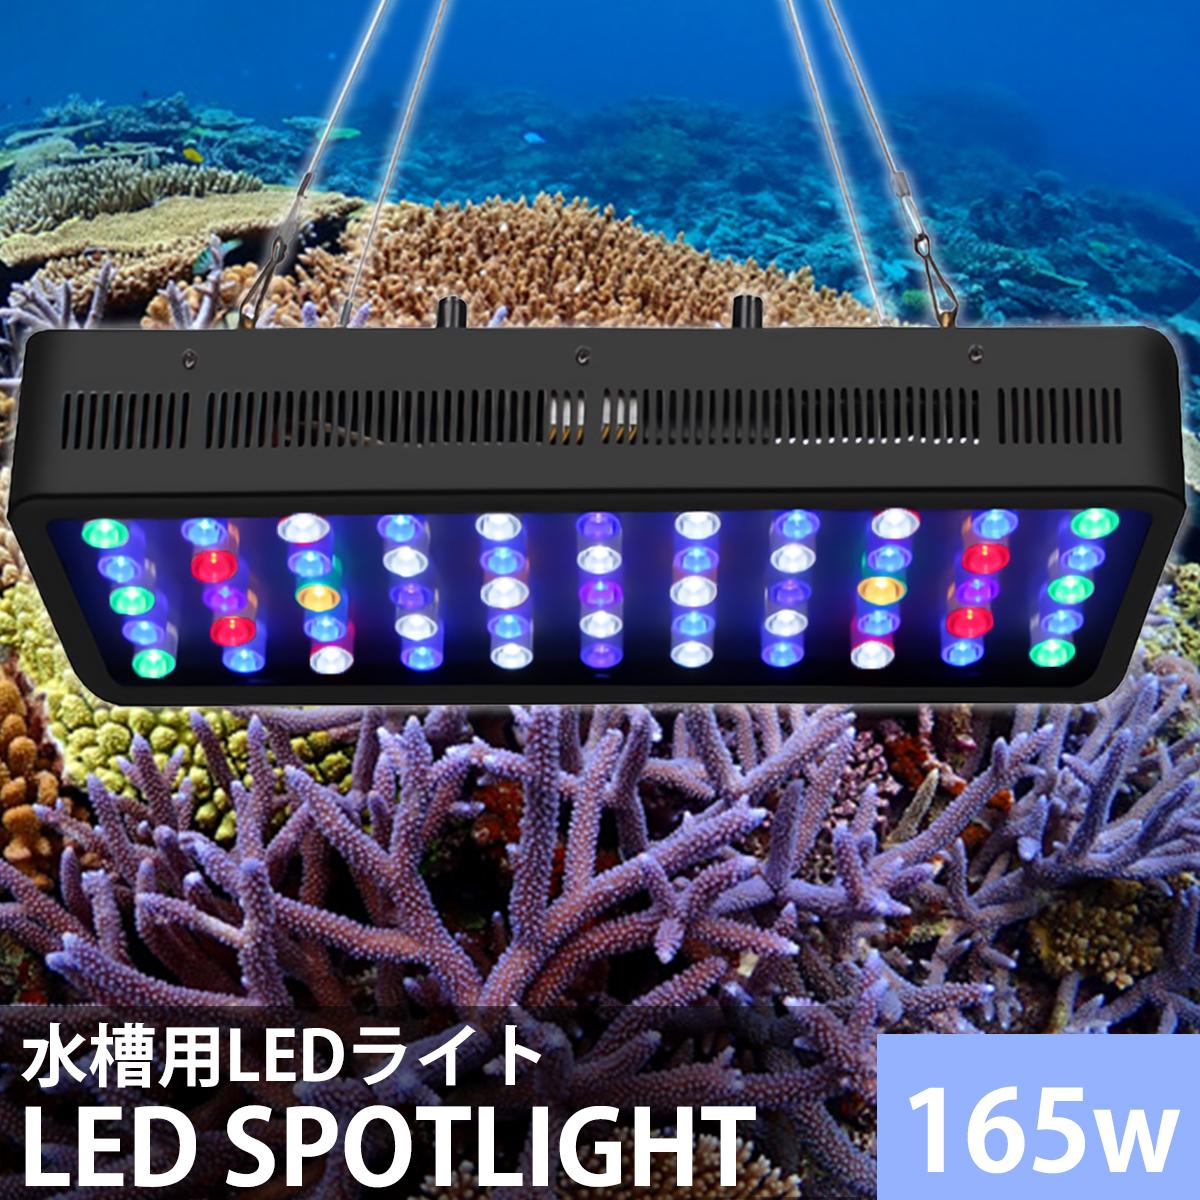 静音性パワーアップ! 水槽照明 海水魚 サンゴ水槽 珊瑚 熱帯魚 水草 165W LED アクアリウムライト 調光 省エネ 長寿命 【QL-16】_画像1